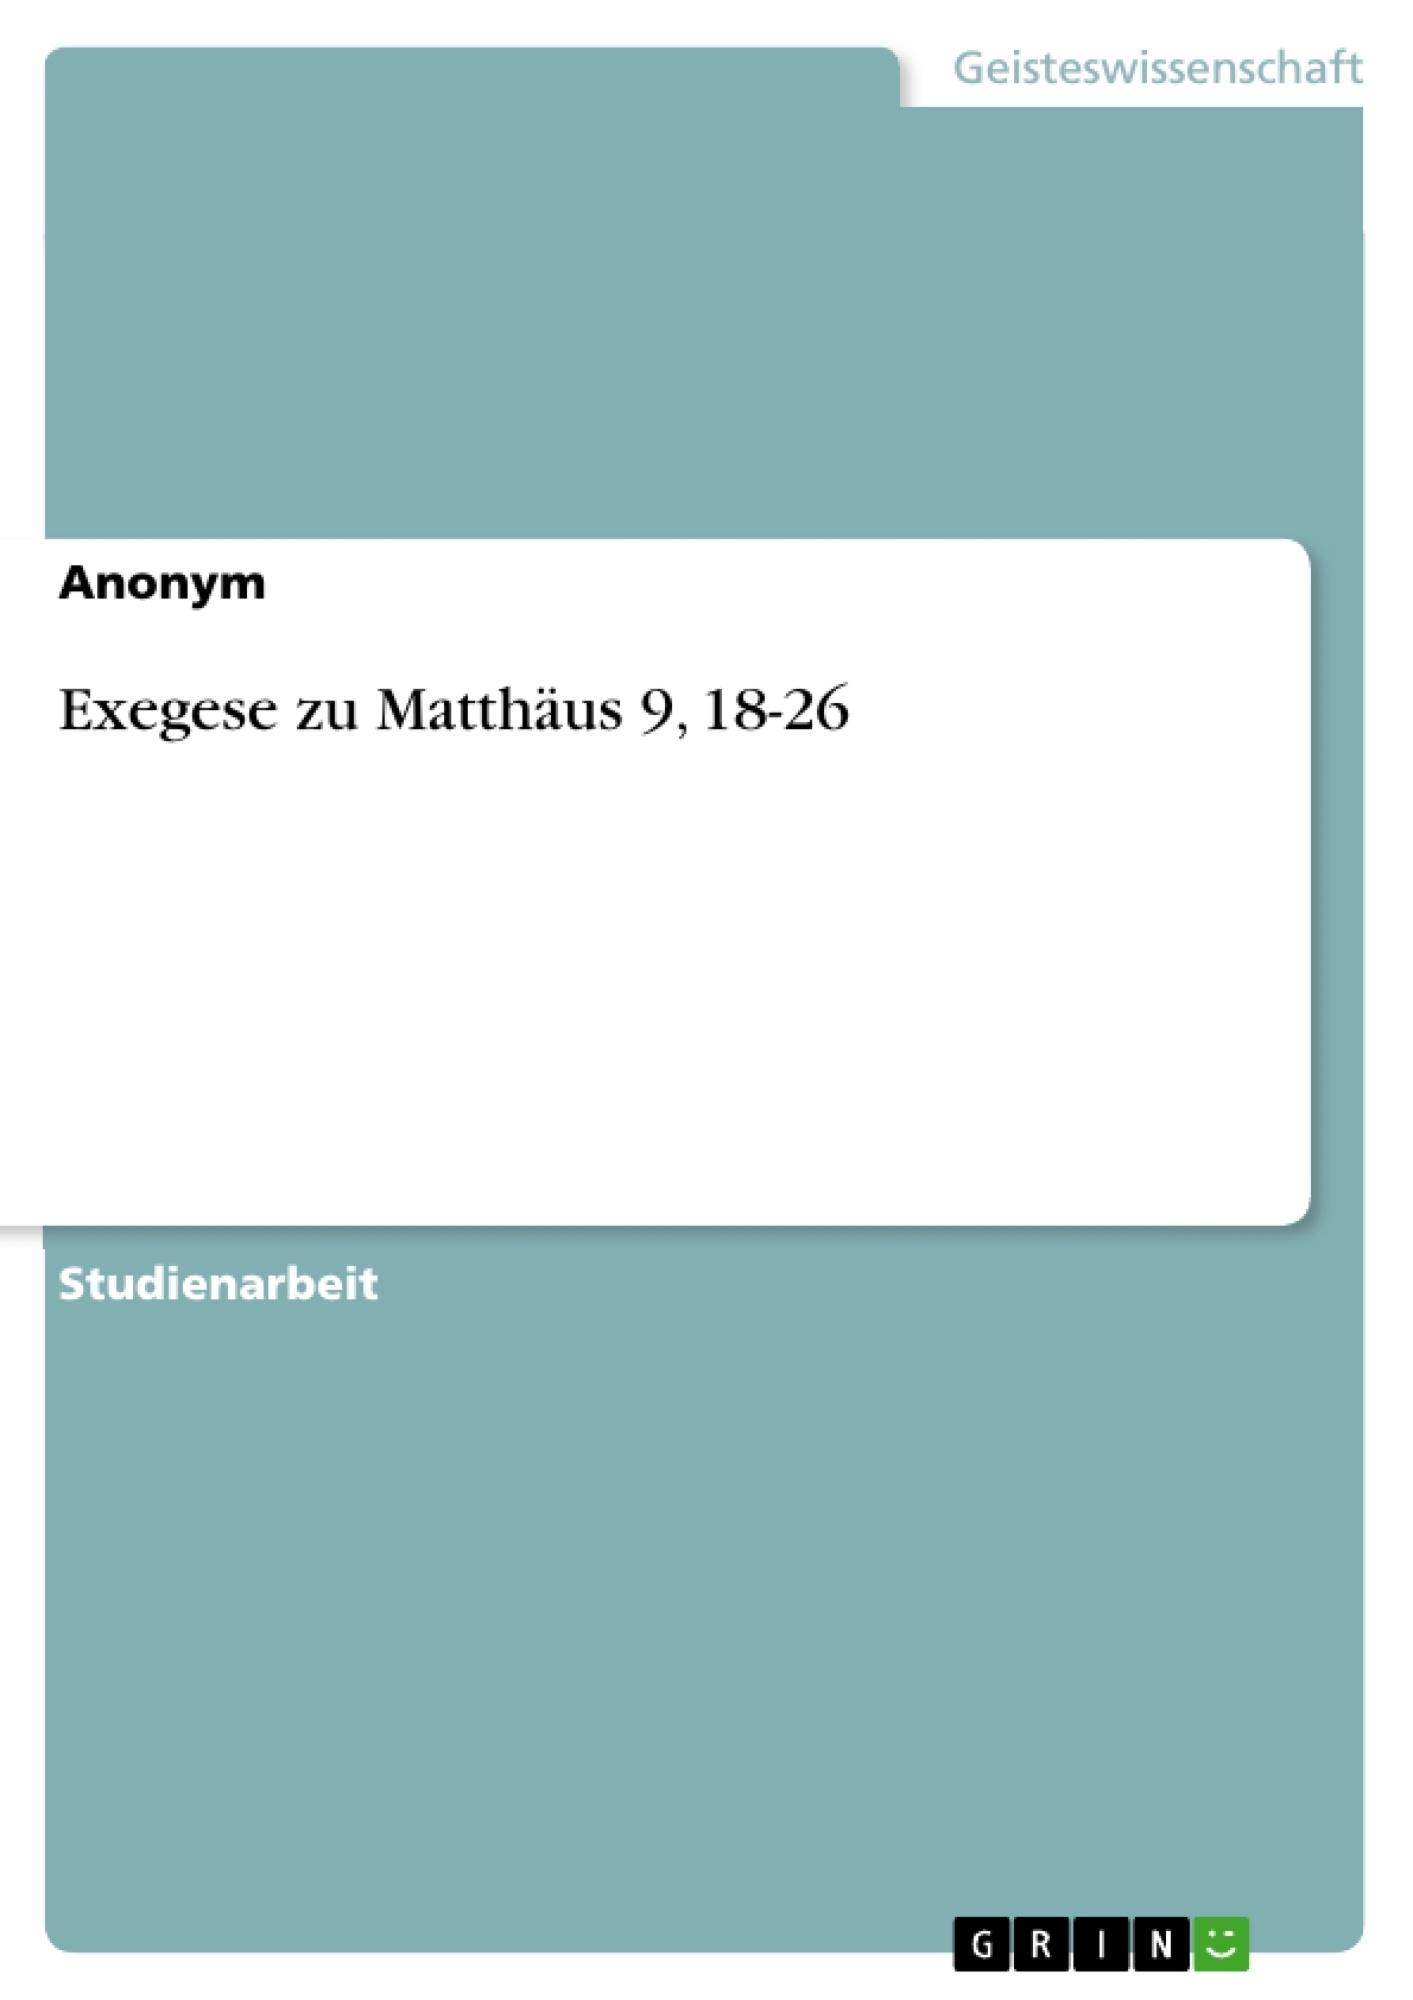 Titel: Exegese zu Matthäus 9, 18-26